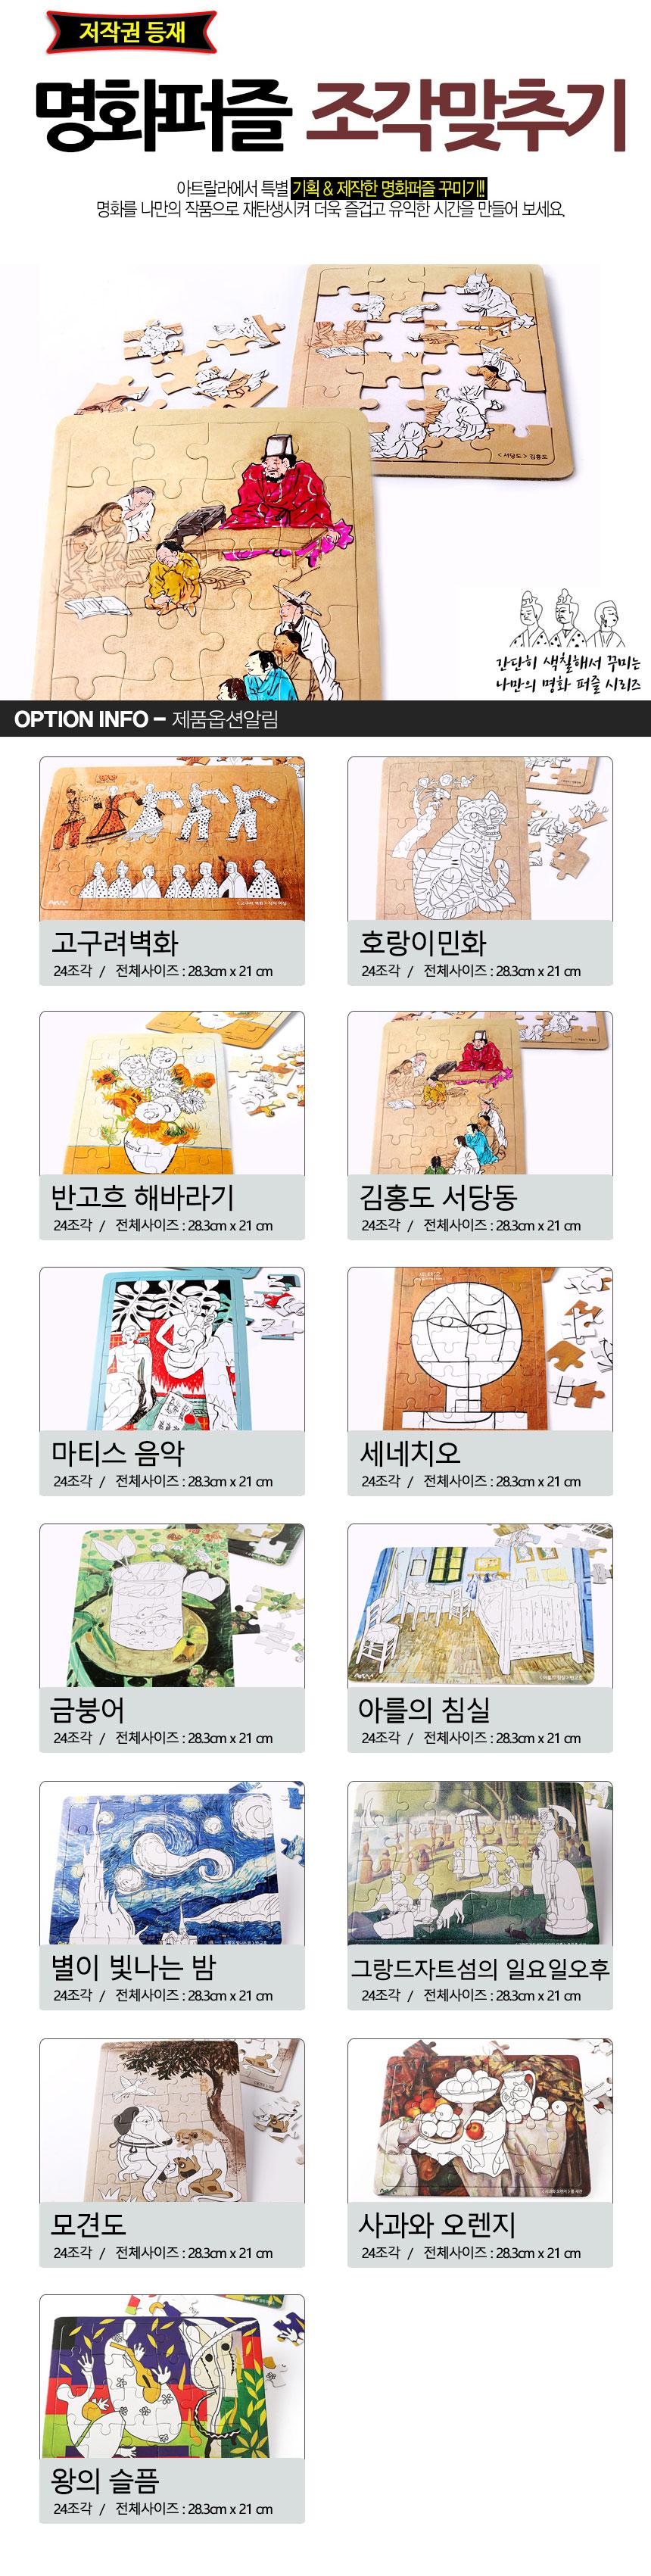 명화퍼즐/종이퍼즐/조각맞추기/무늬맞추기/퍼즐꾸미기 - 아트랄라, 1,600원, 전통/염색공예, 기타소품 패키지